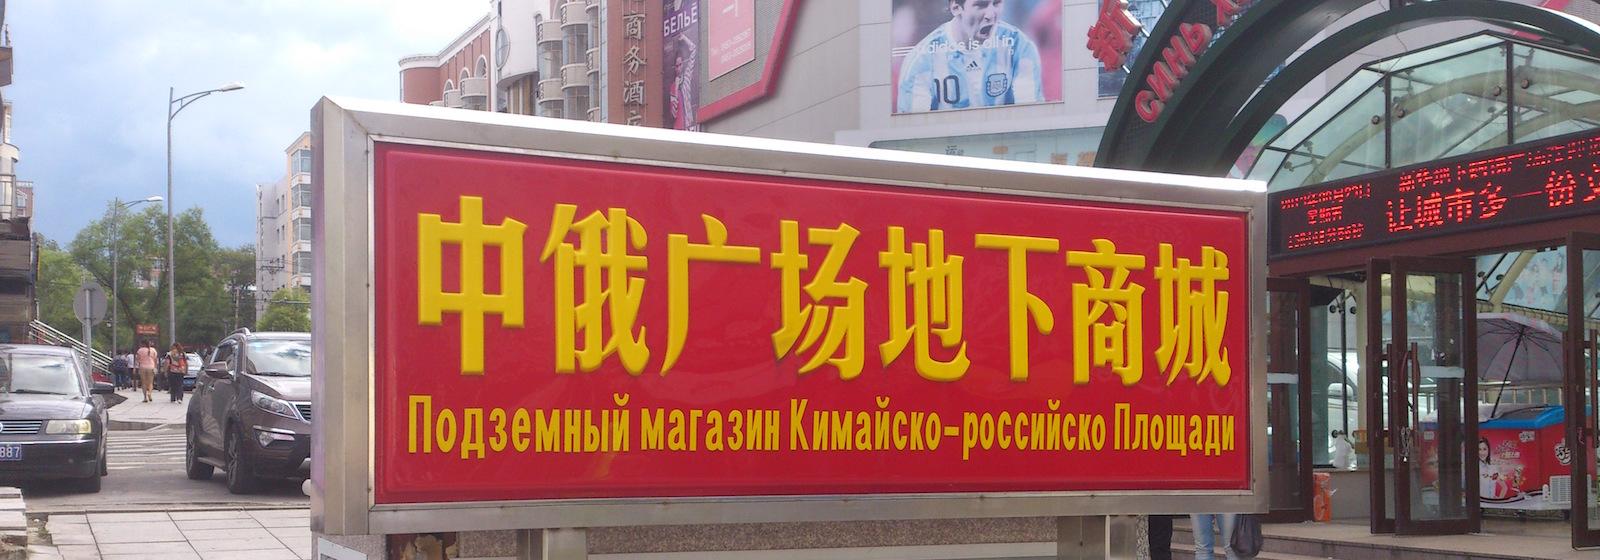 Жизнь иностранцев в Китае, русские челноки и Великий потоп